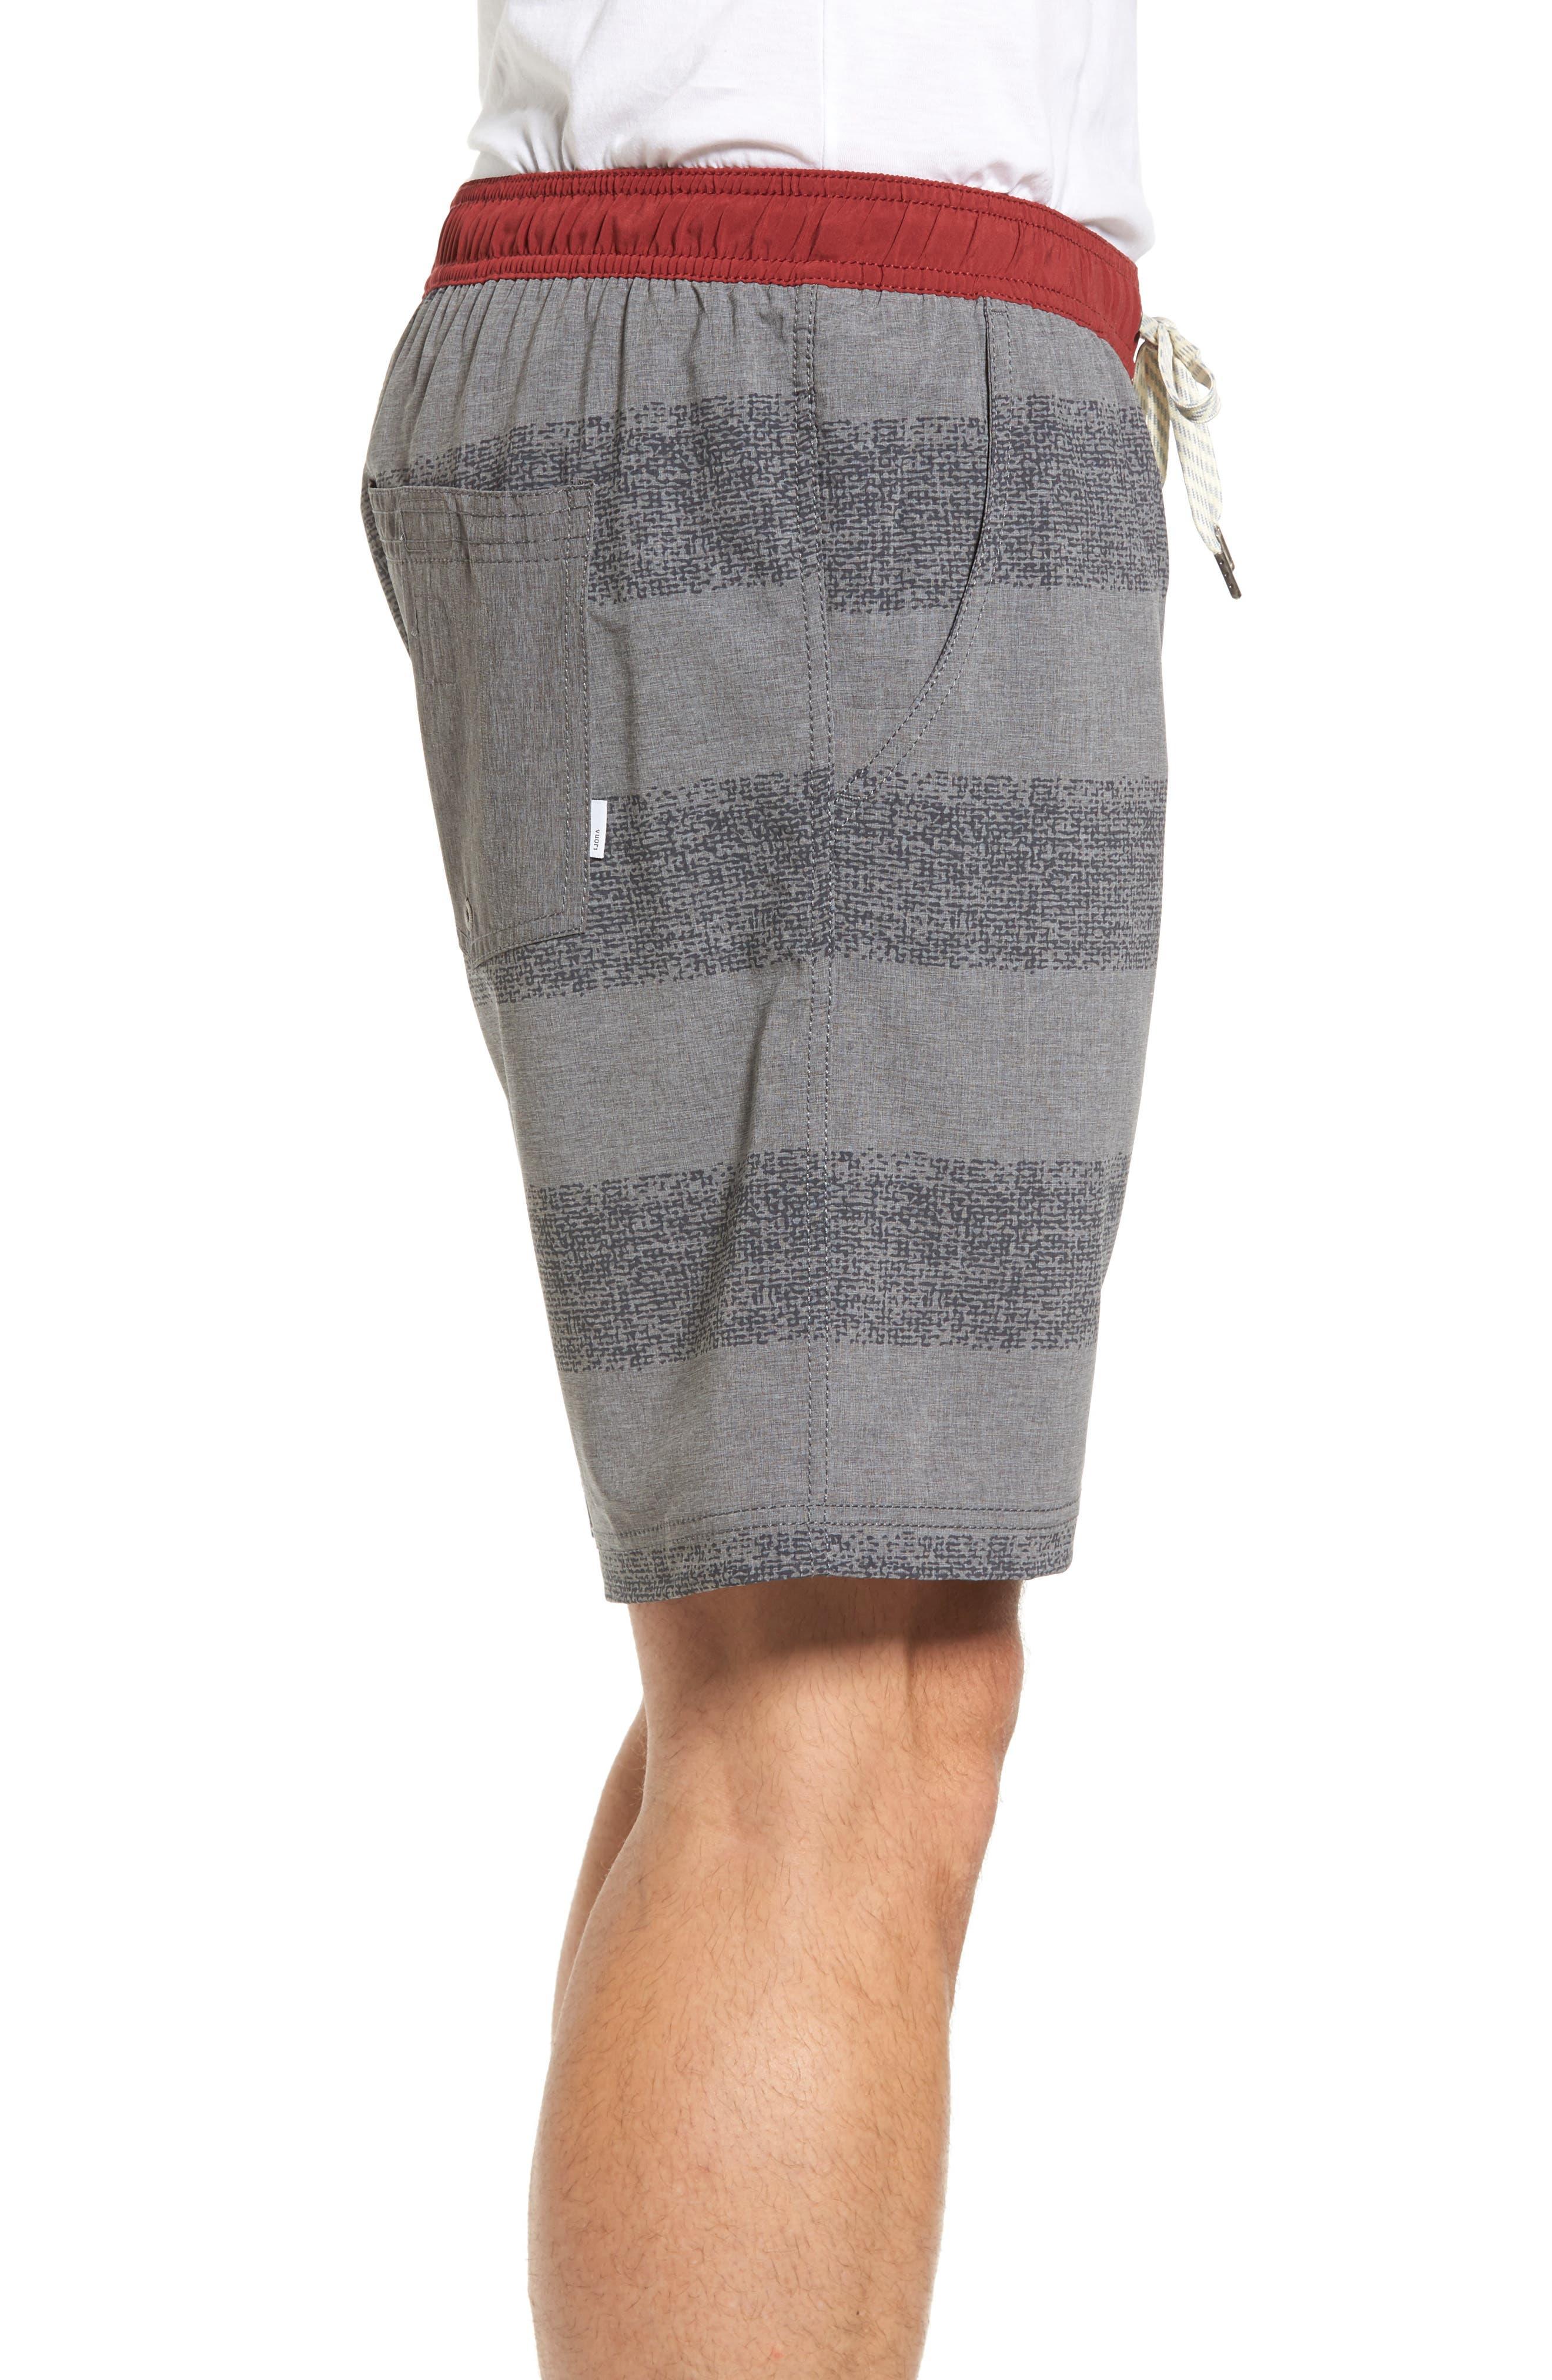 VUORI,                             Kore Slim Fit Athletic Shorts,                             Alternate thumbnail 3, color,                             035